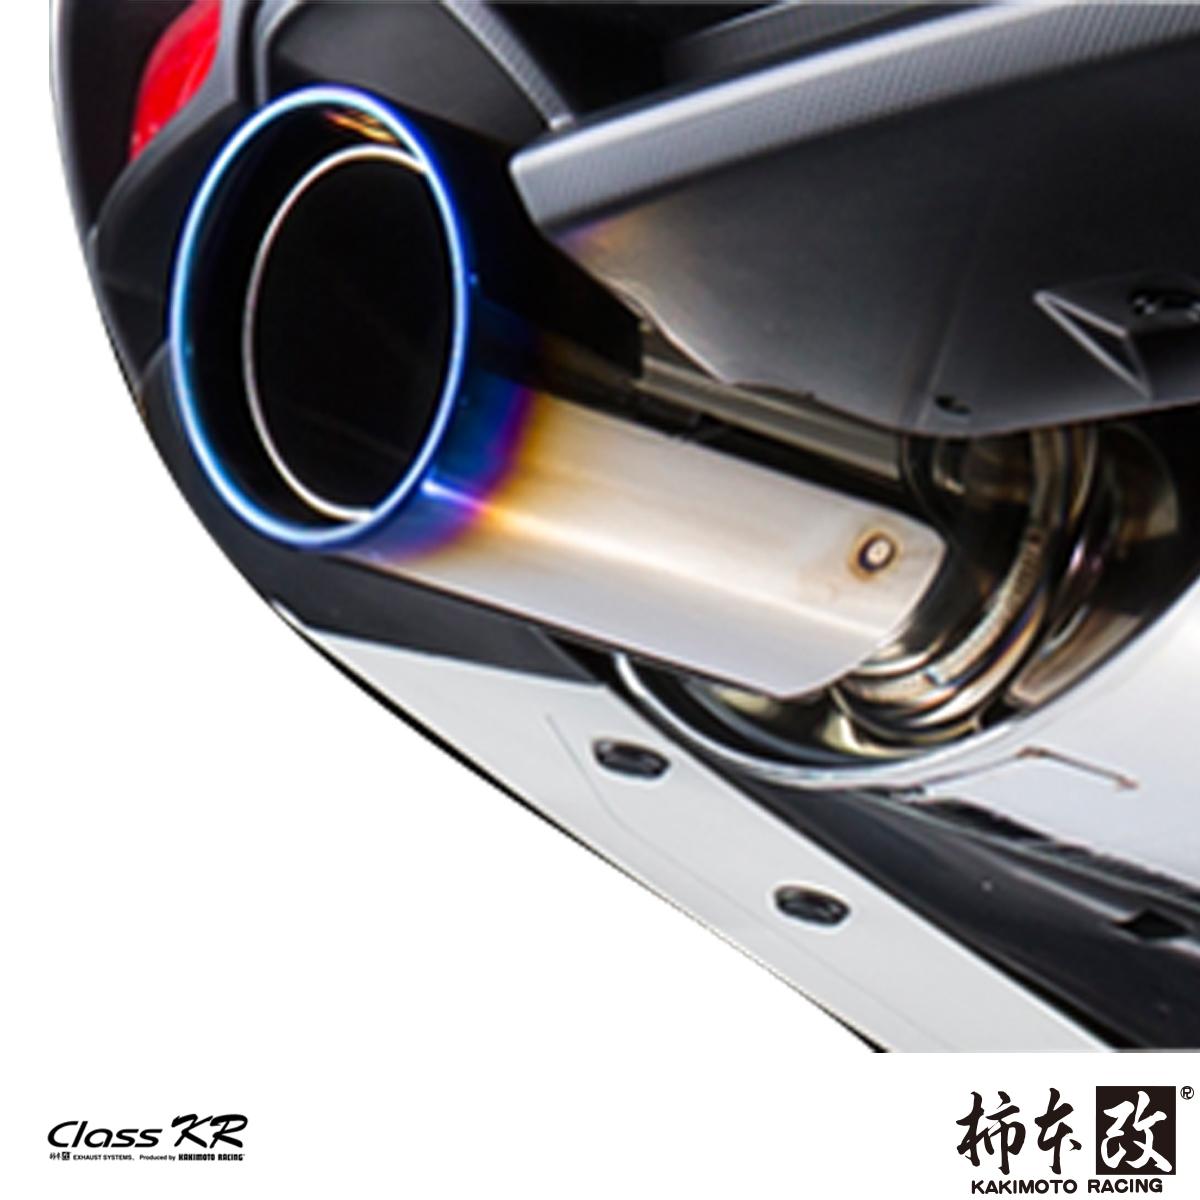 柿本 改 クラスKR フィットハイブリッド DAA-GP5 マフラー 品番:H71395 KAKIMOTO RACING Class KR 配送先条件有り